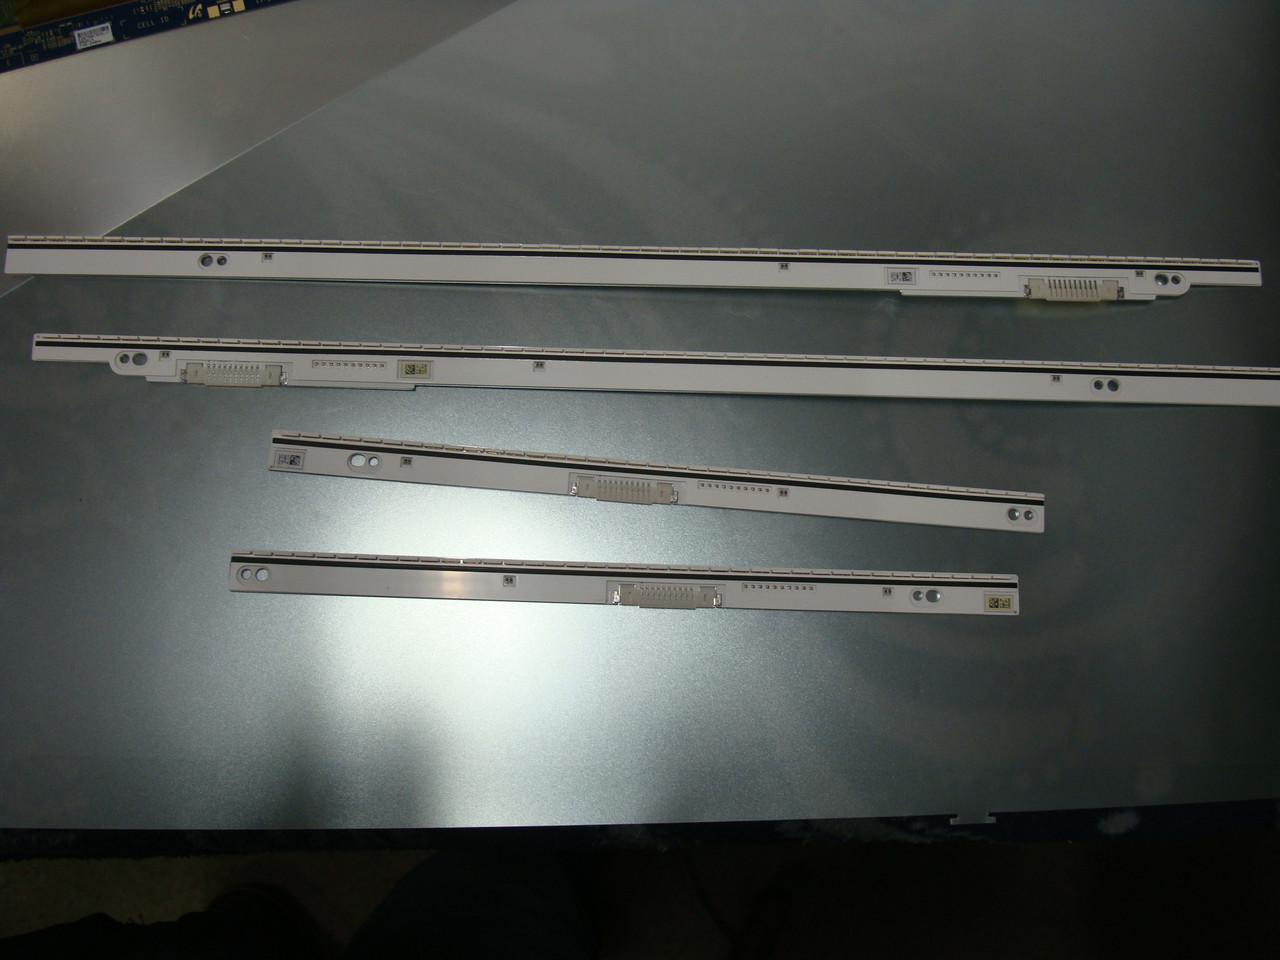 Планки LED подсветки BN96-28866A, BN96-28865A, BN96-28867A, BN96-28868A от телевизора Samsung UE65F8000SL (CY-